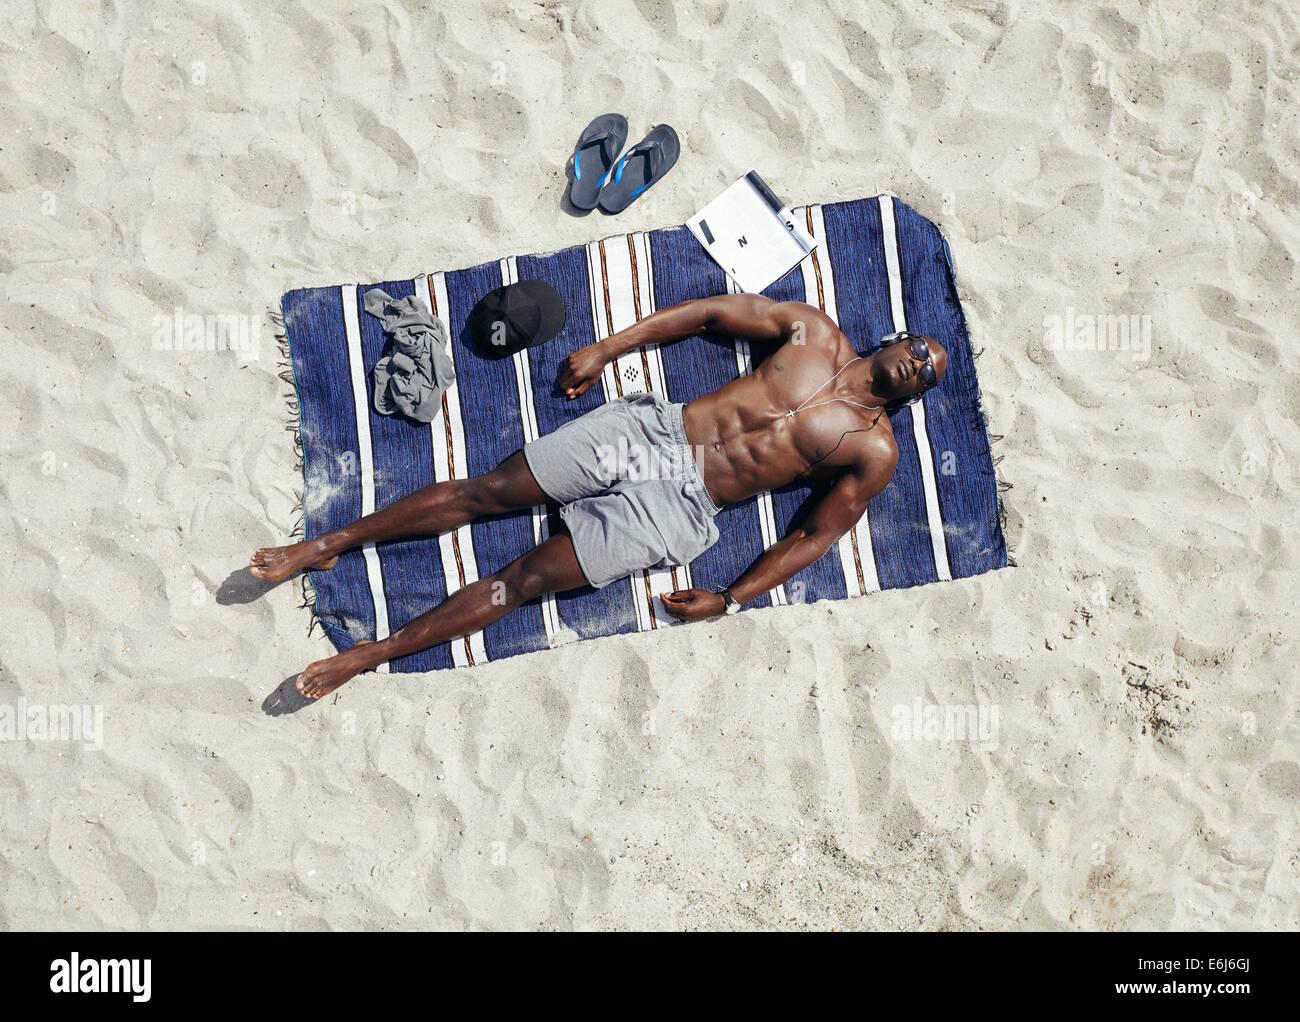 Vista superior del chico descamisado acostado sobre una estera para tumbarse al sol. Modelo masculino africano relajante Imagen De Stock